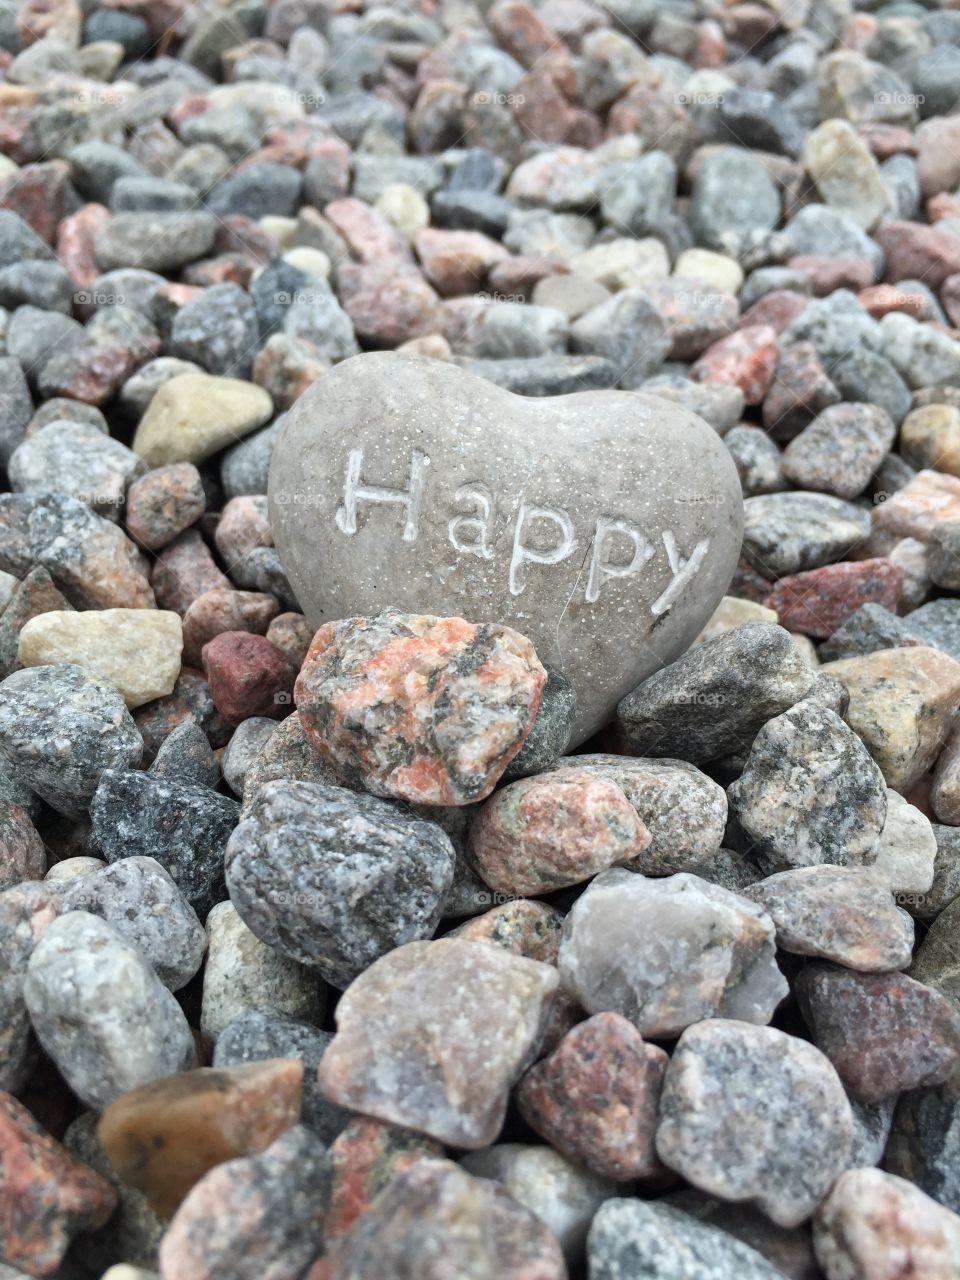 Happy text on heart shape rock